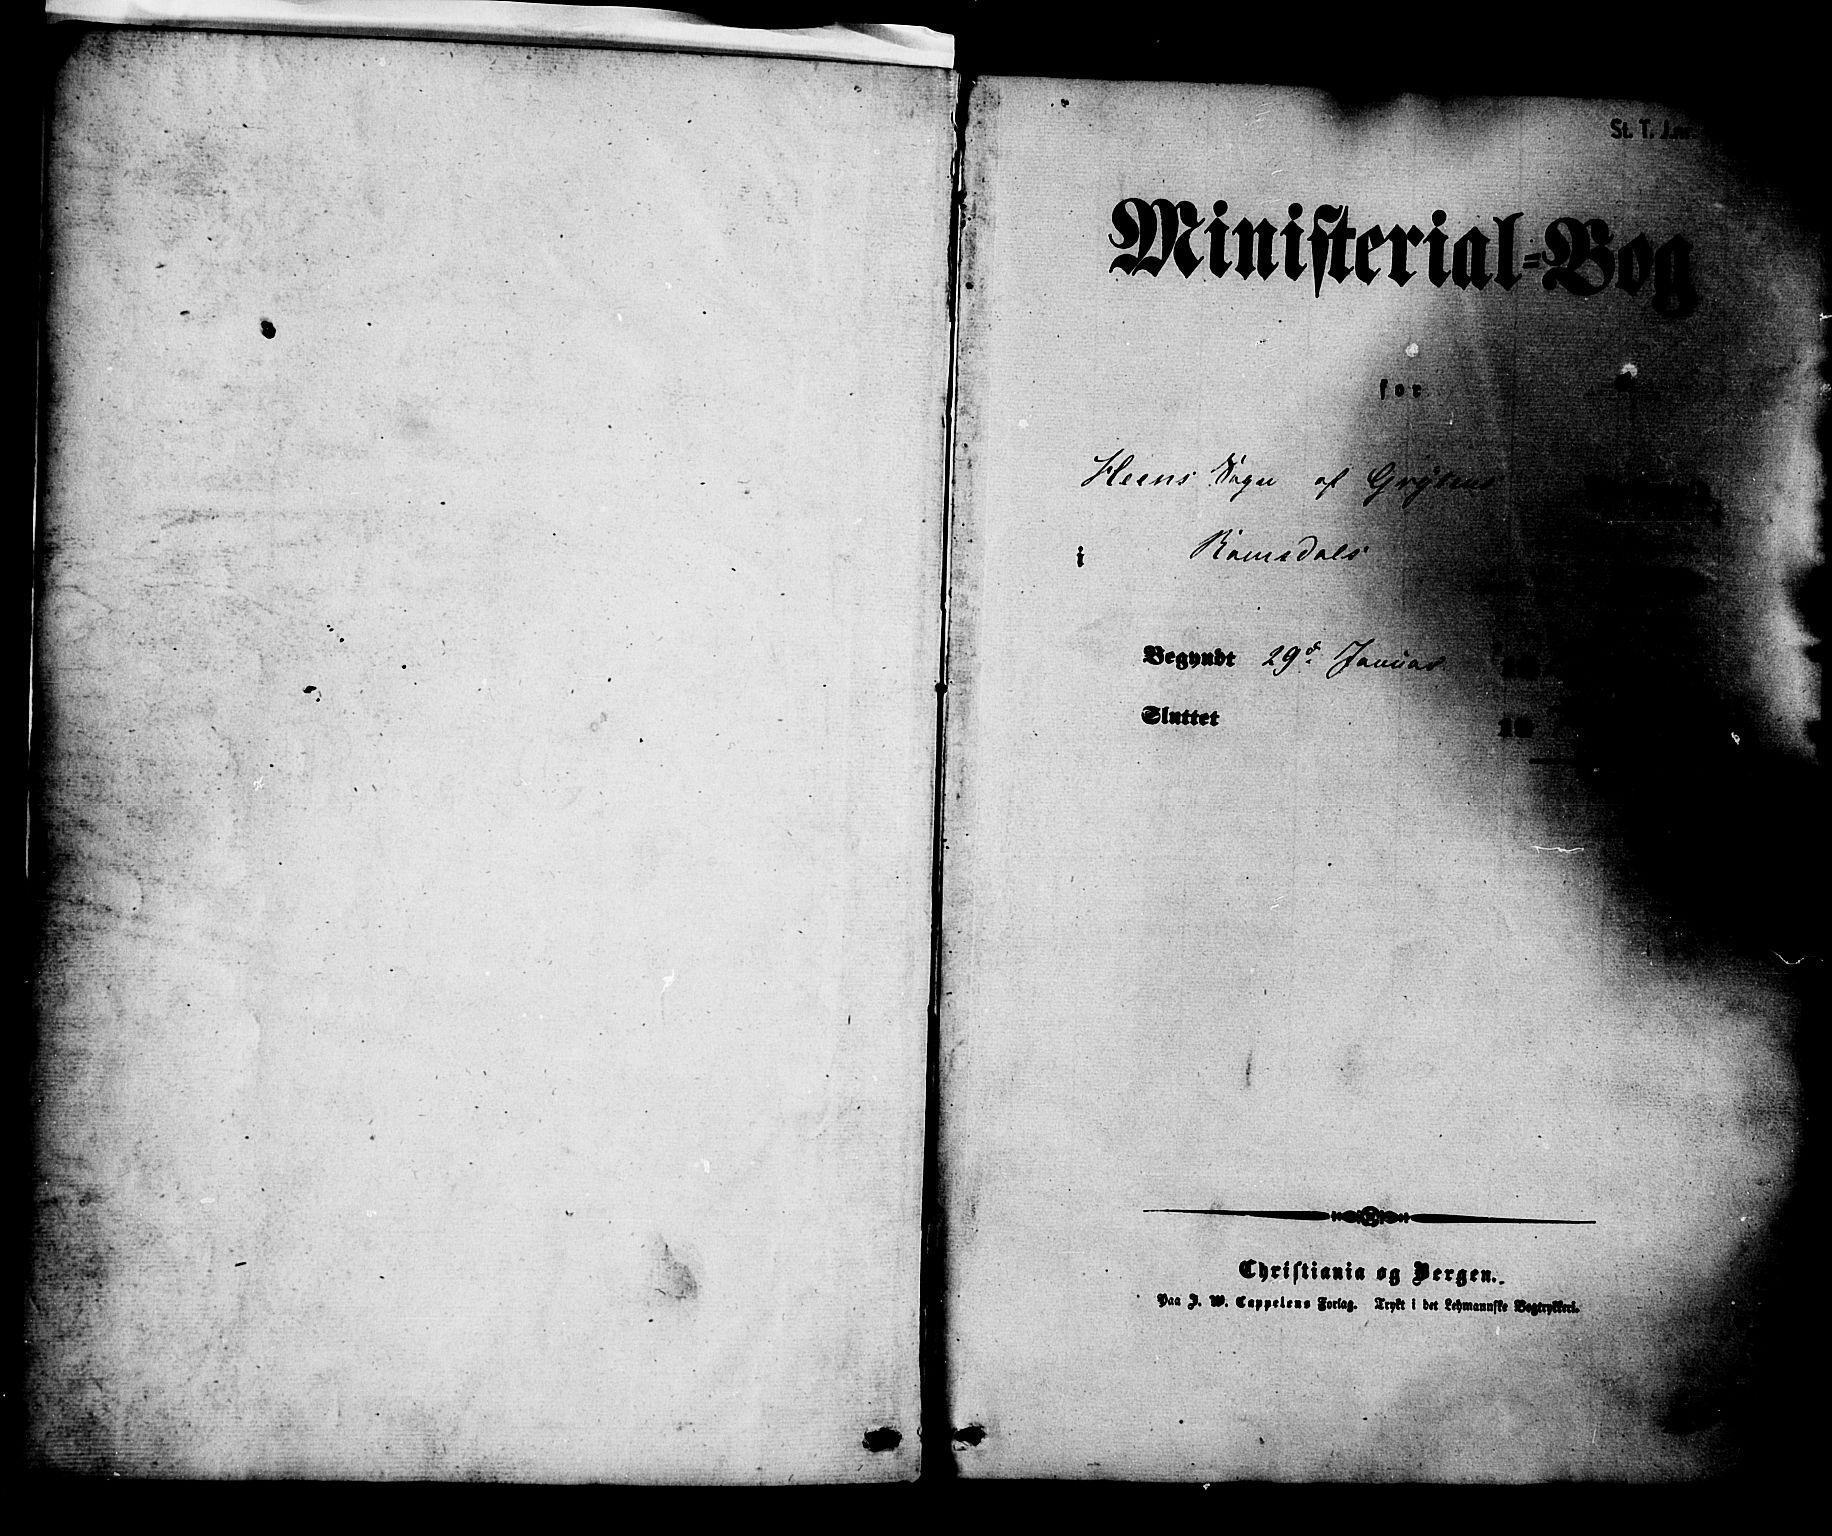 SAT, Ministerialprotokoller, klokkerbøker og fødselsregistre - Møre og Romsdal, 545/L0586: Ministerialbok nr. 545A02, 1854-1877, s. 1